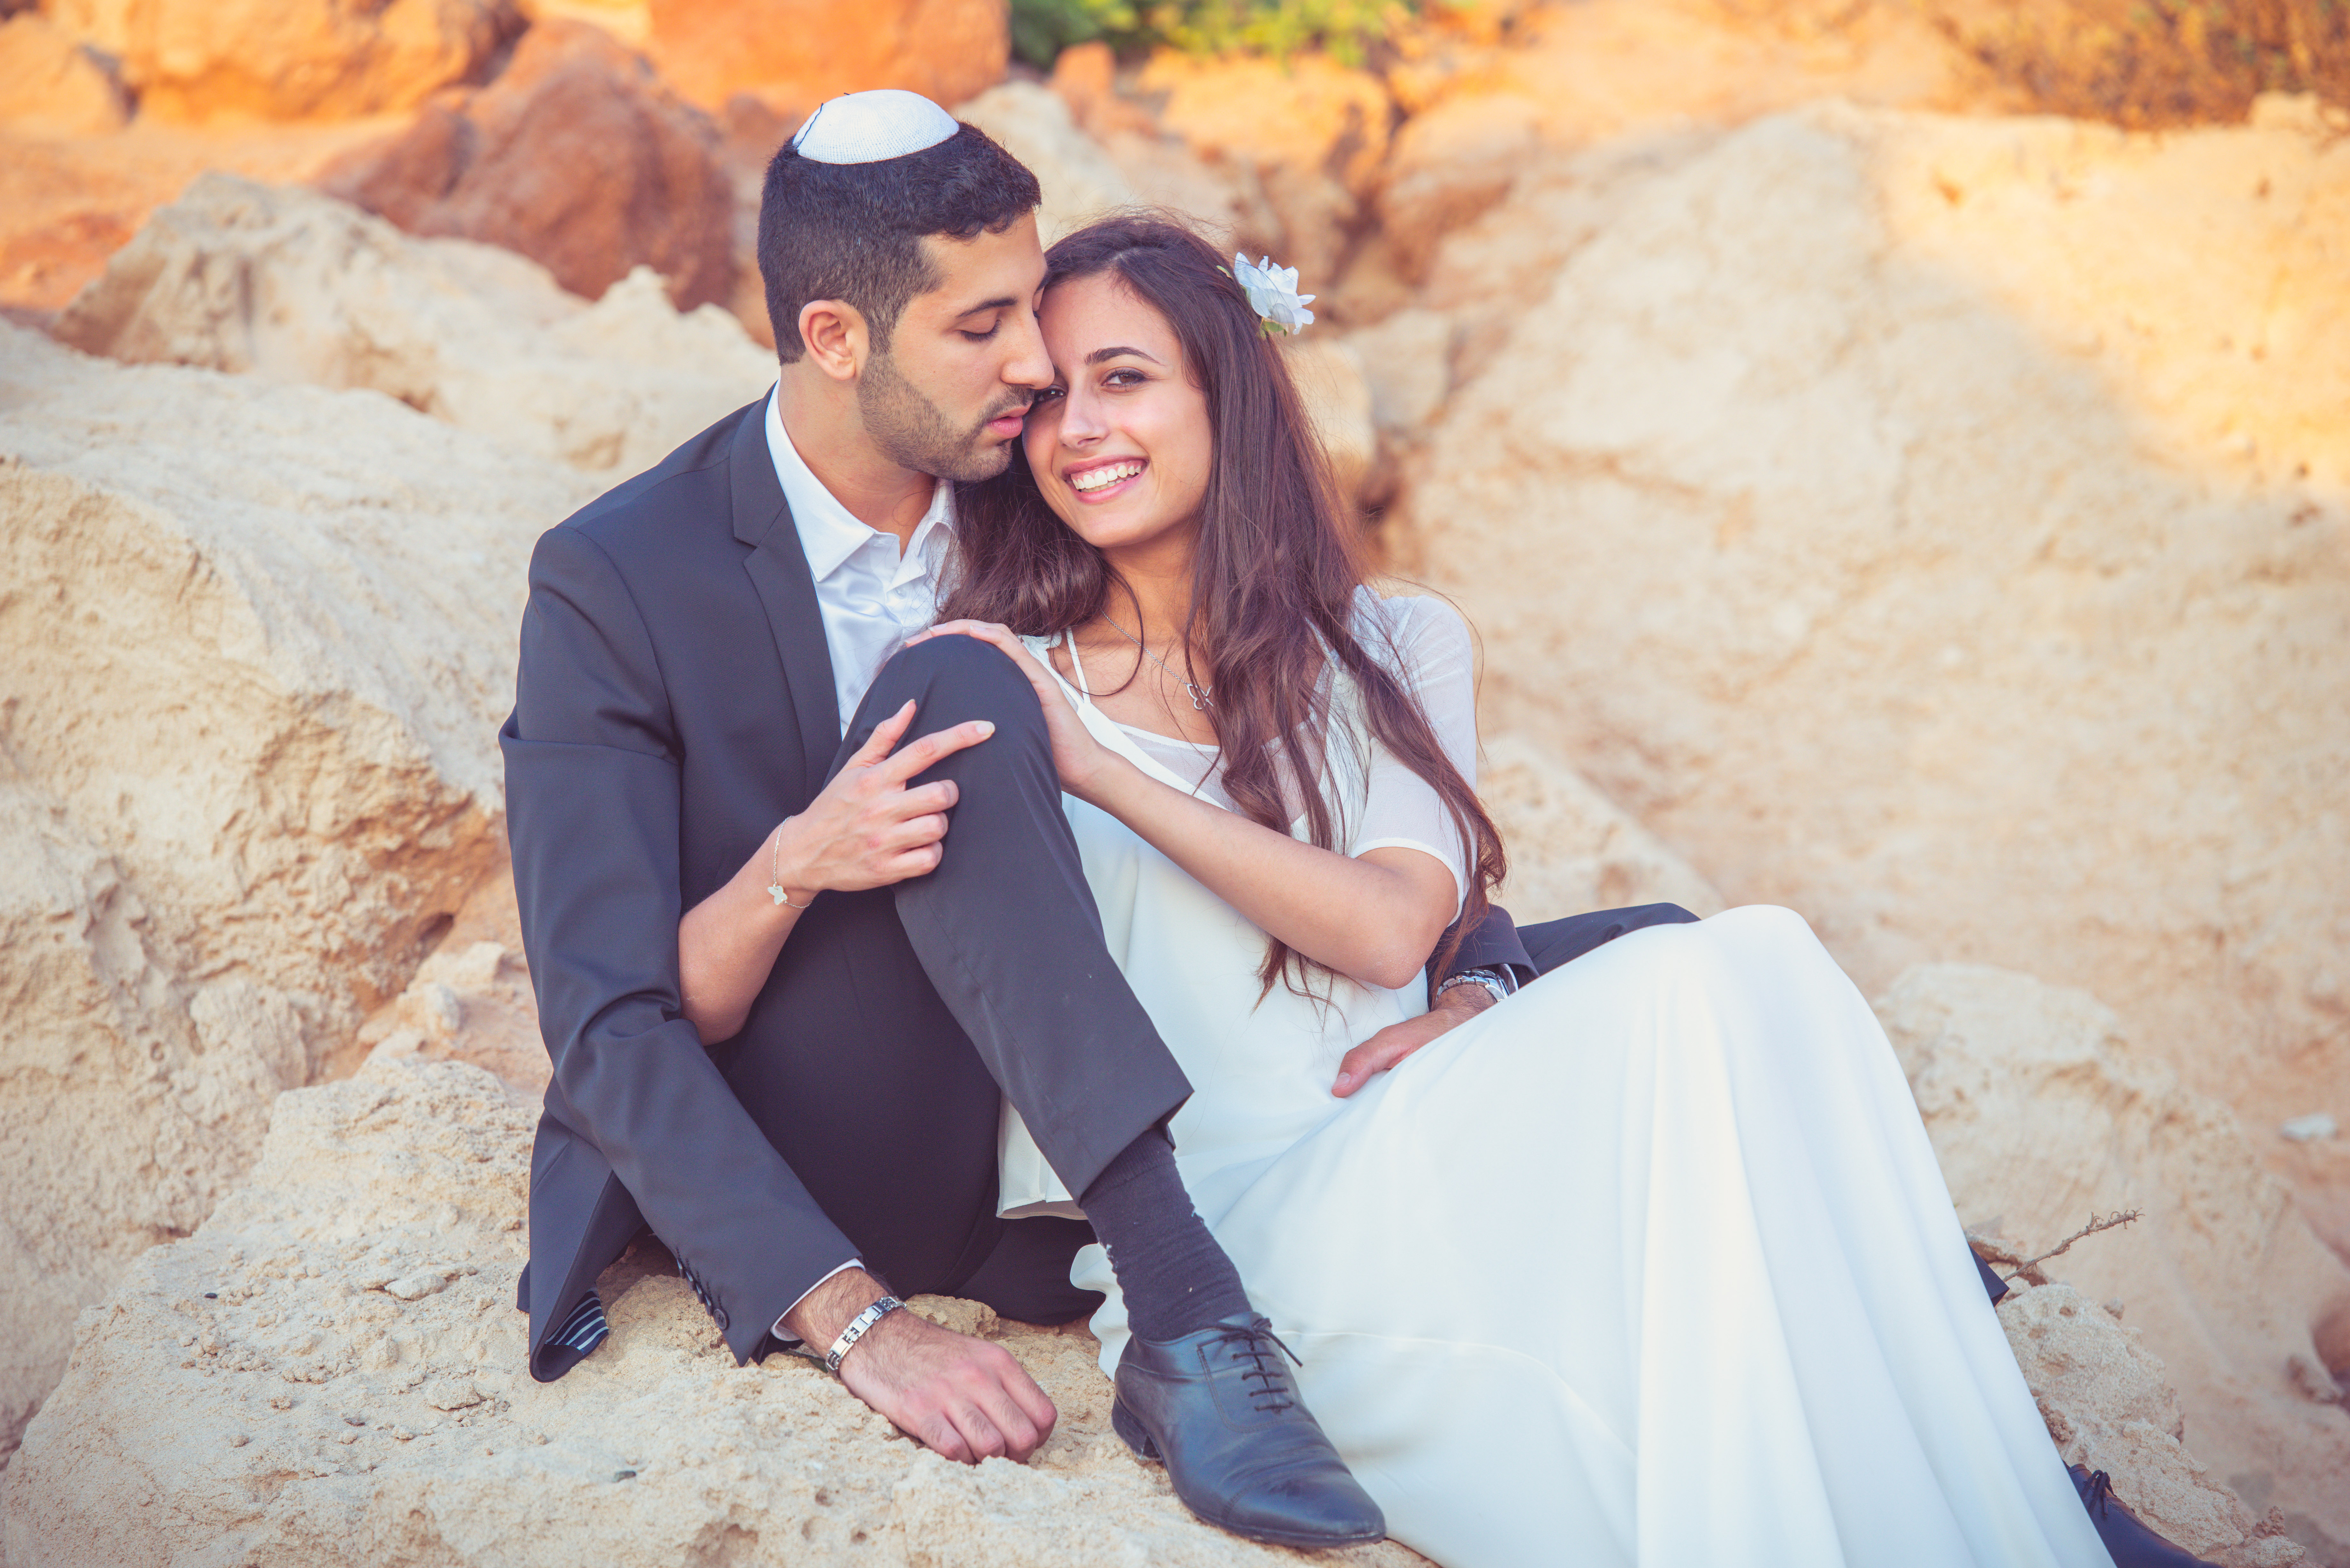 CAMERAMAN EN ISRAEL